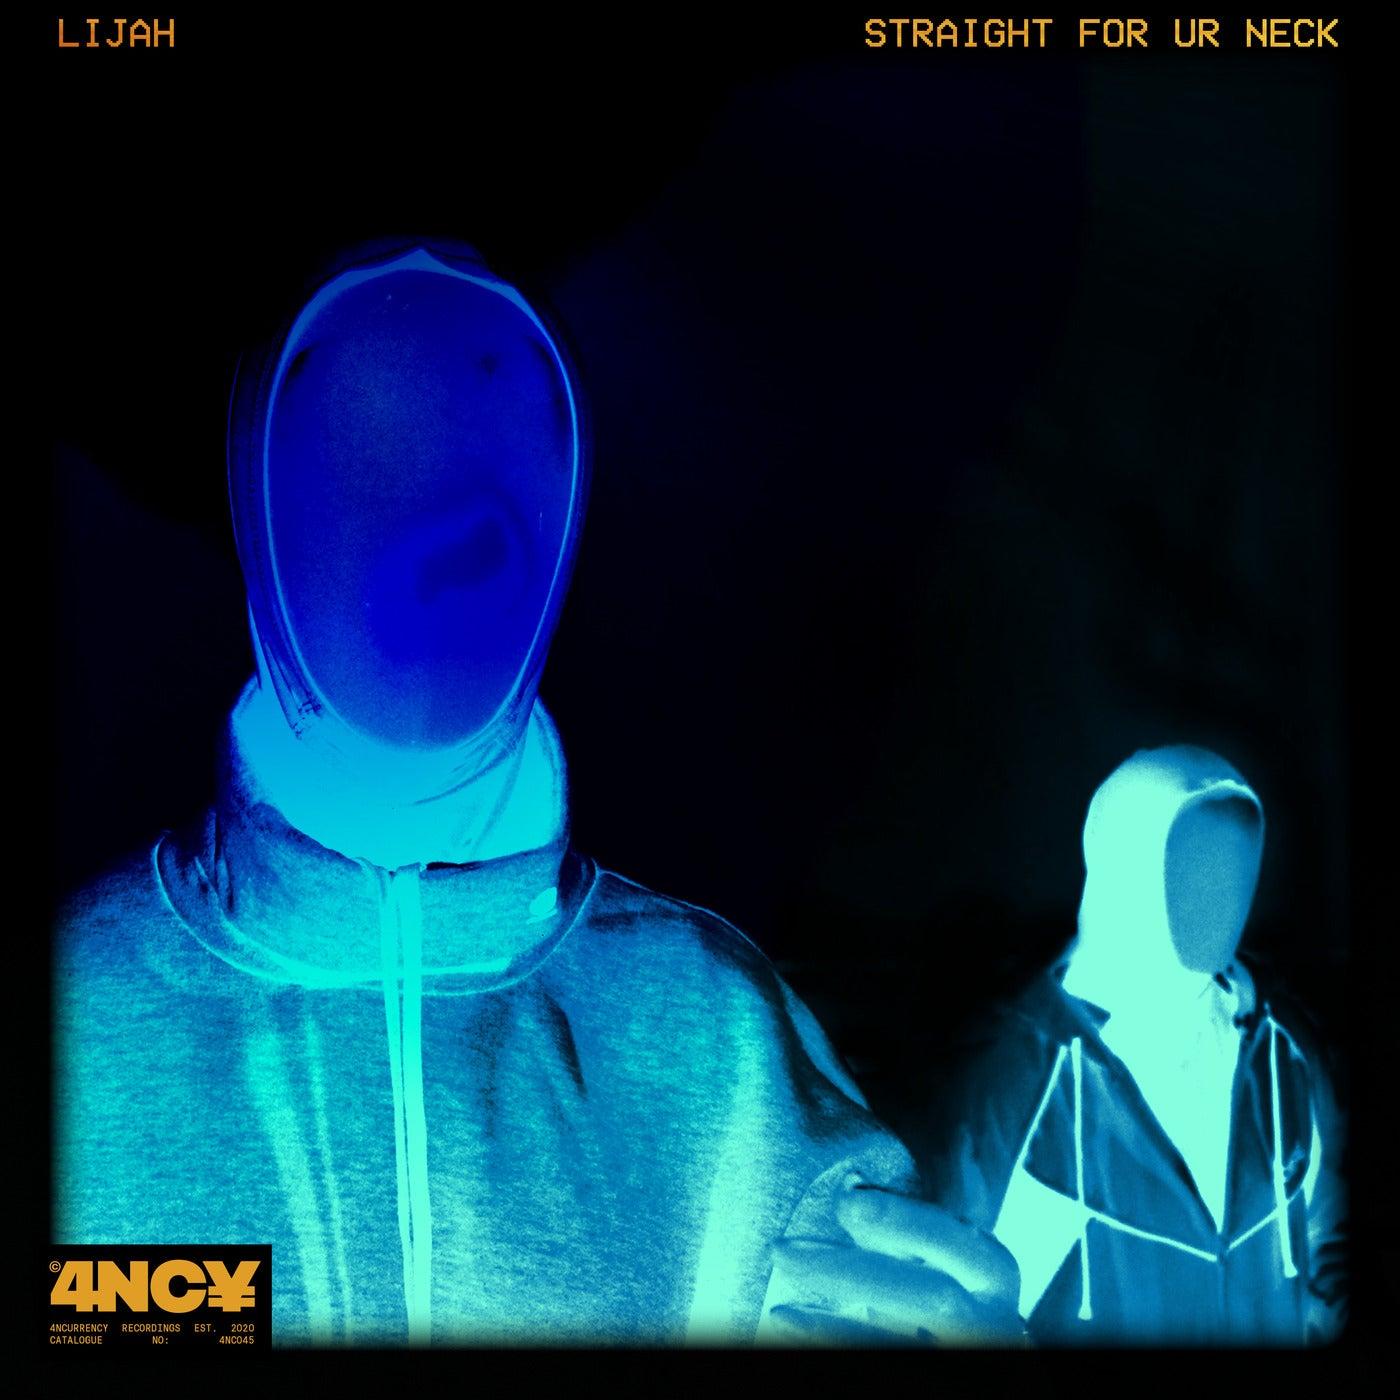 STRAIGHT FOR UR NECK (Original Mix)